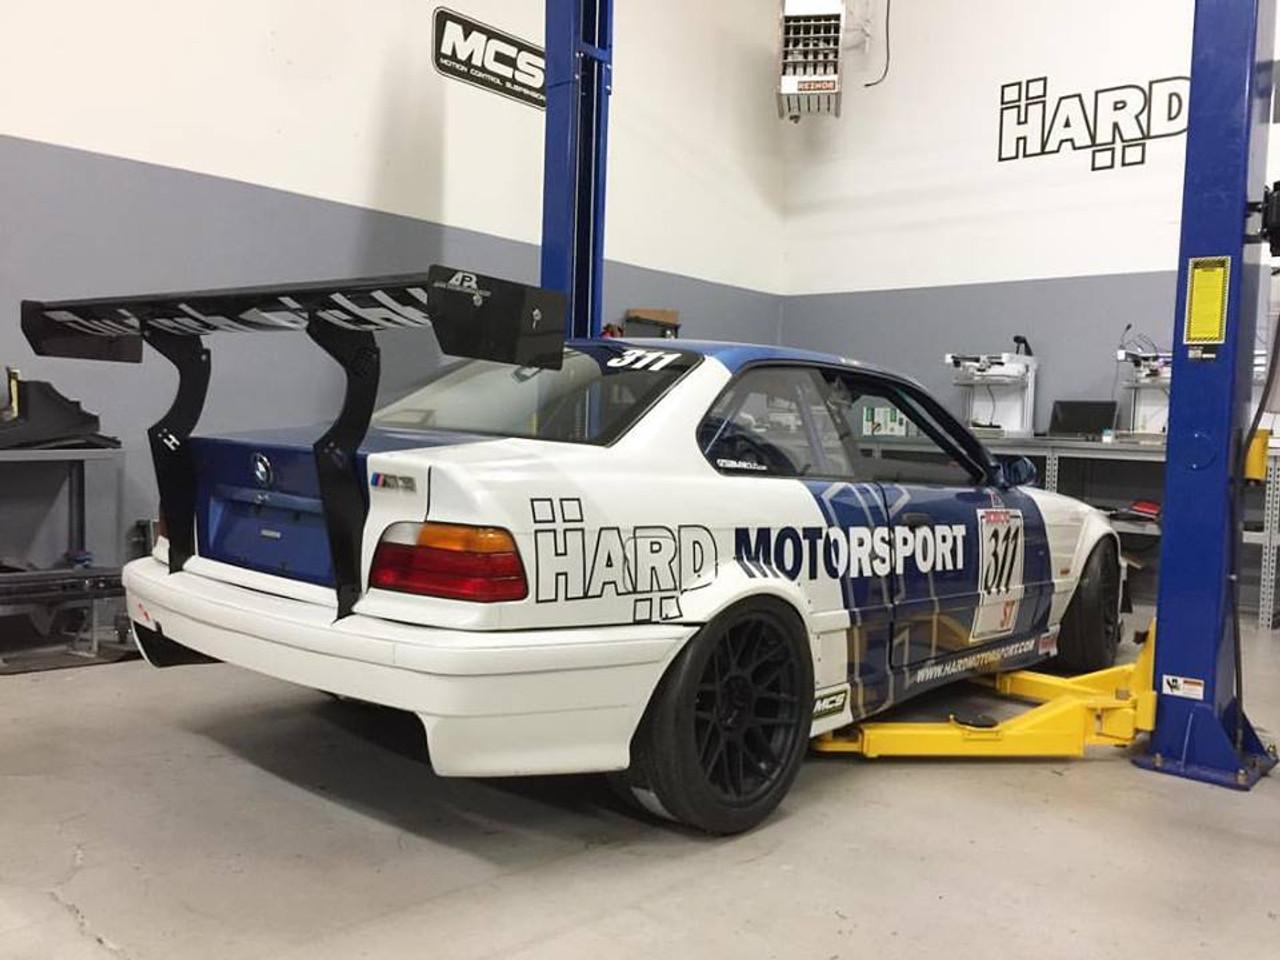 Hard Motorsport Bmw E36 Coupe Chassis Mount Spoiler Upright Kit Hard Motorsport